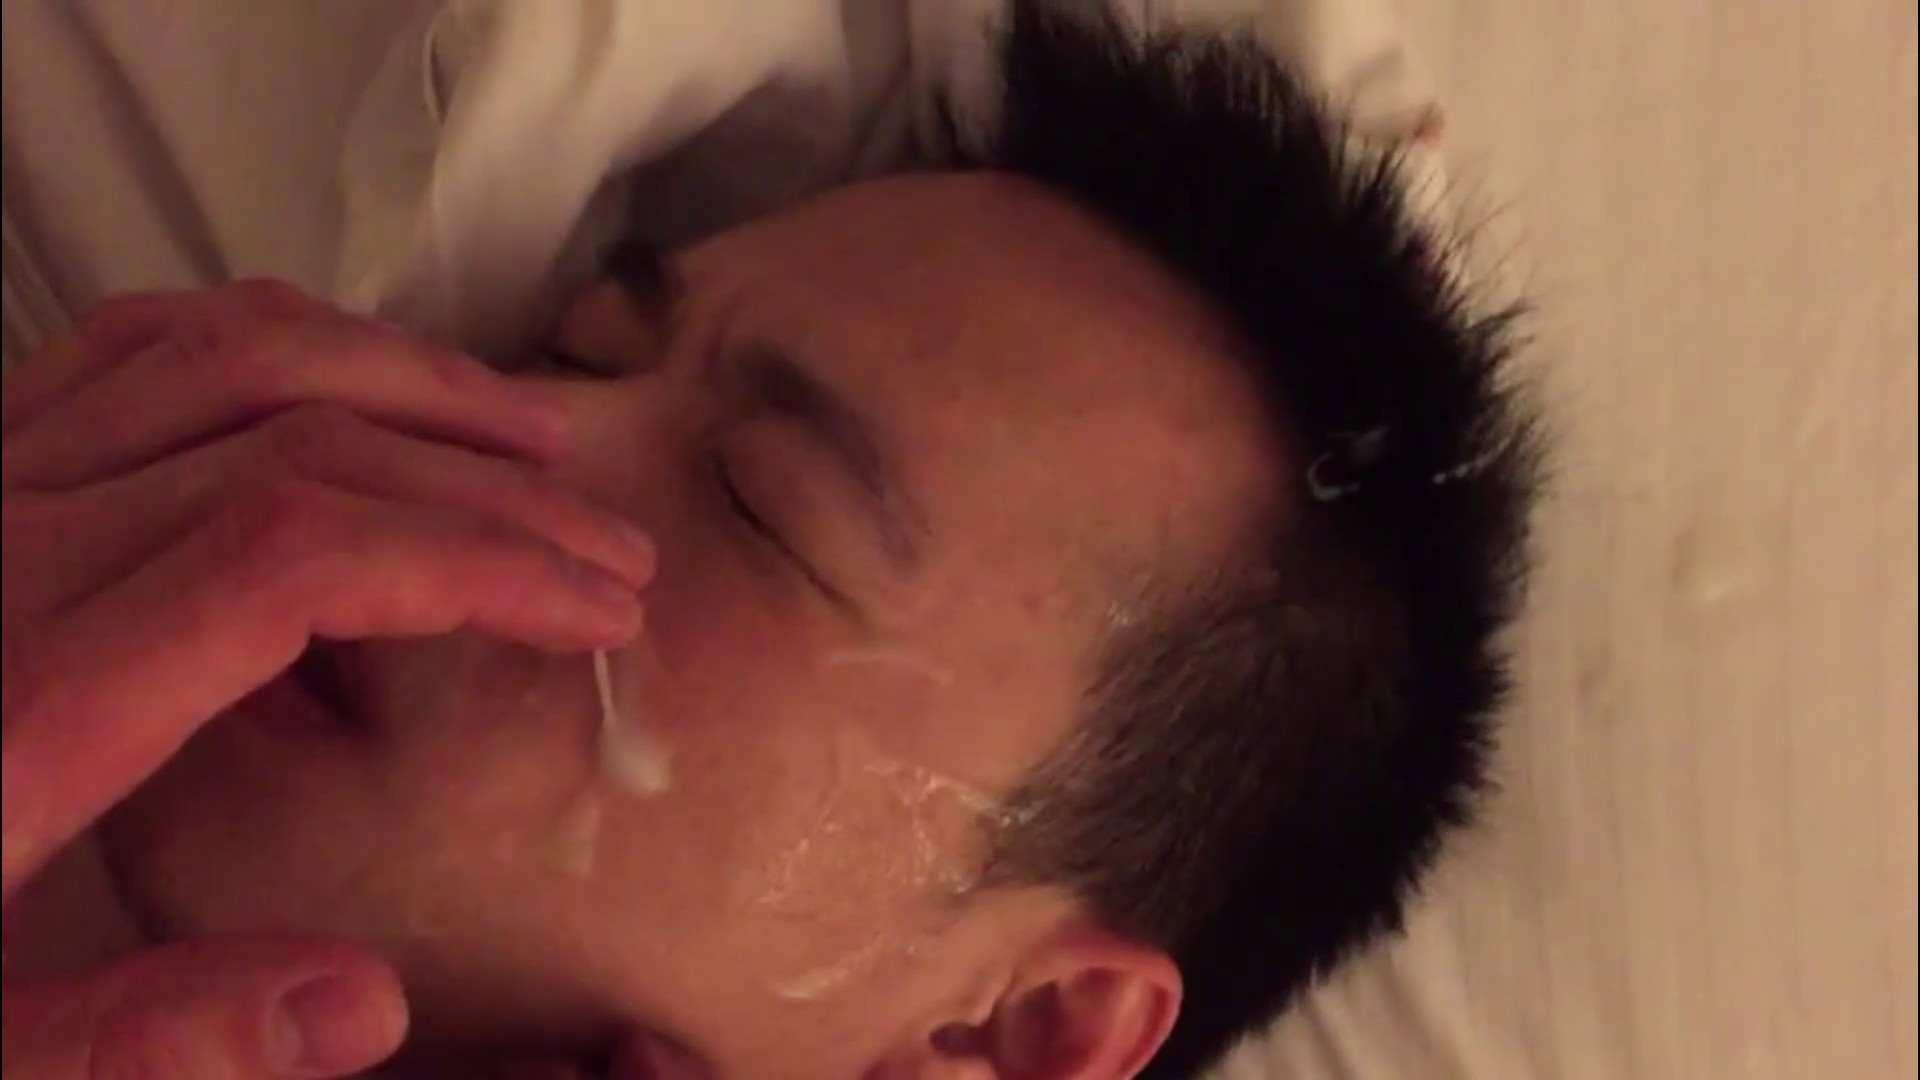 エロいフェラシーンをピックアップvol43 エロ特集 ゲイアダルトビデオ画像 108pic 24